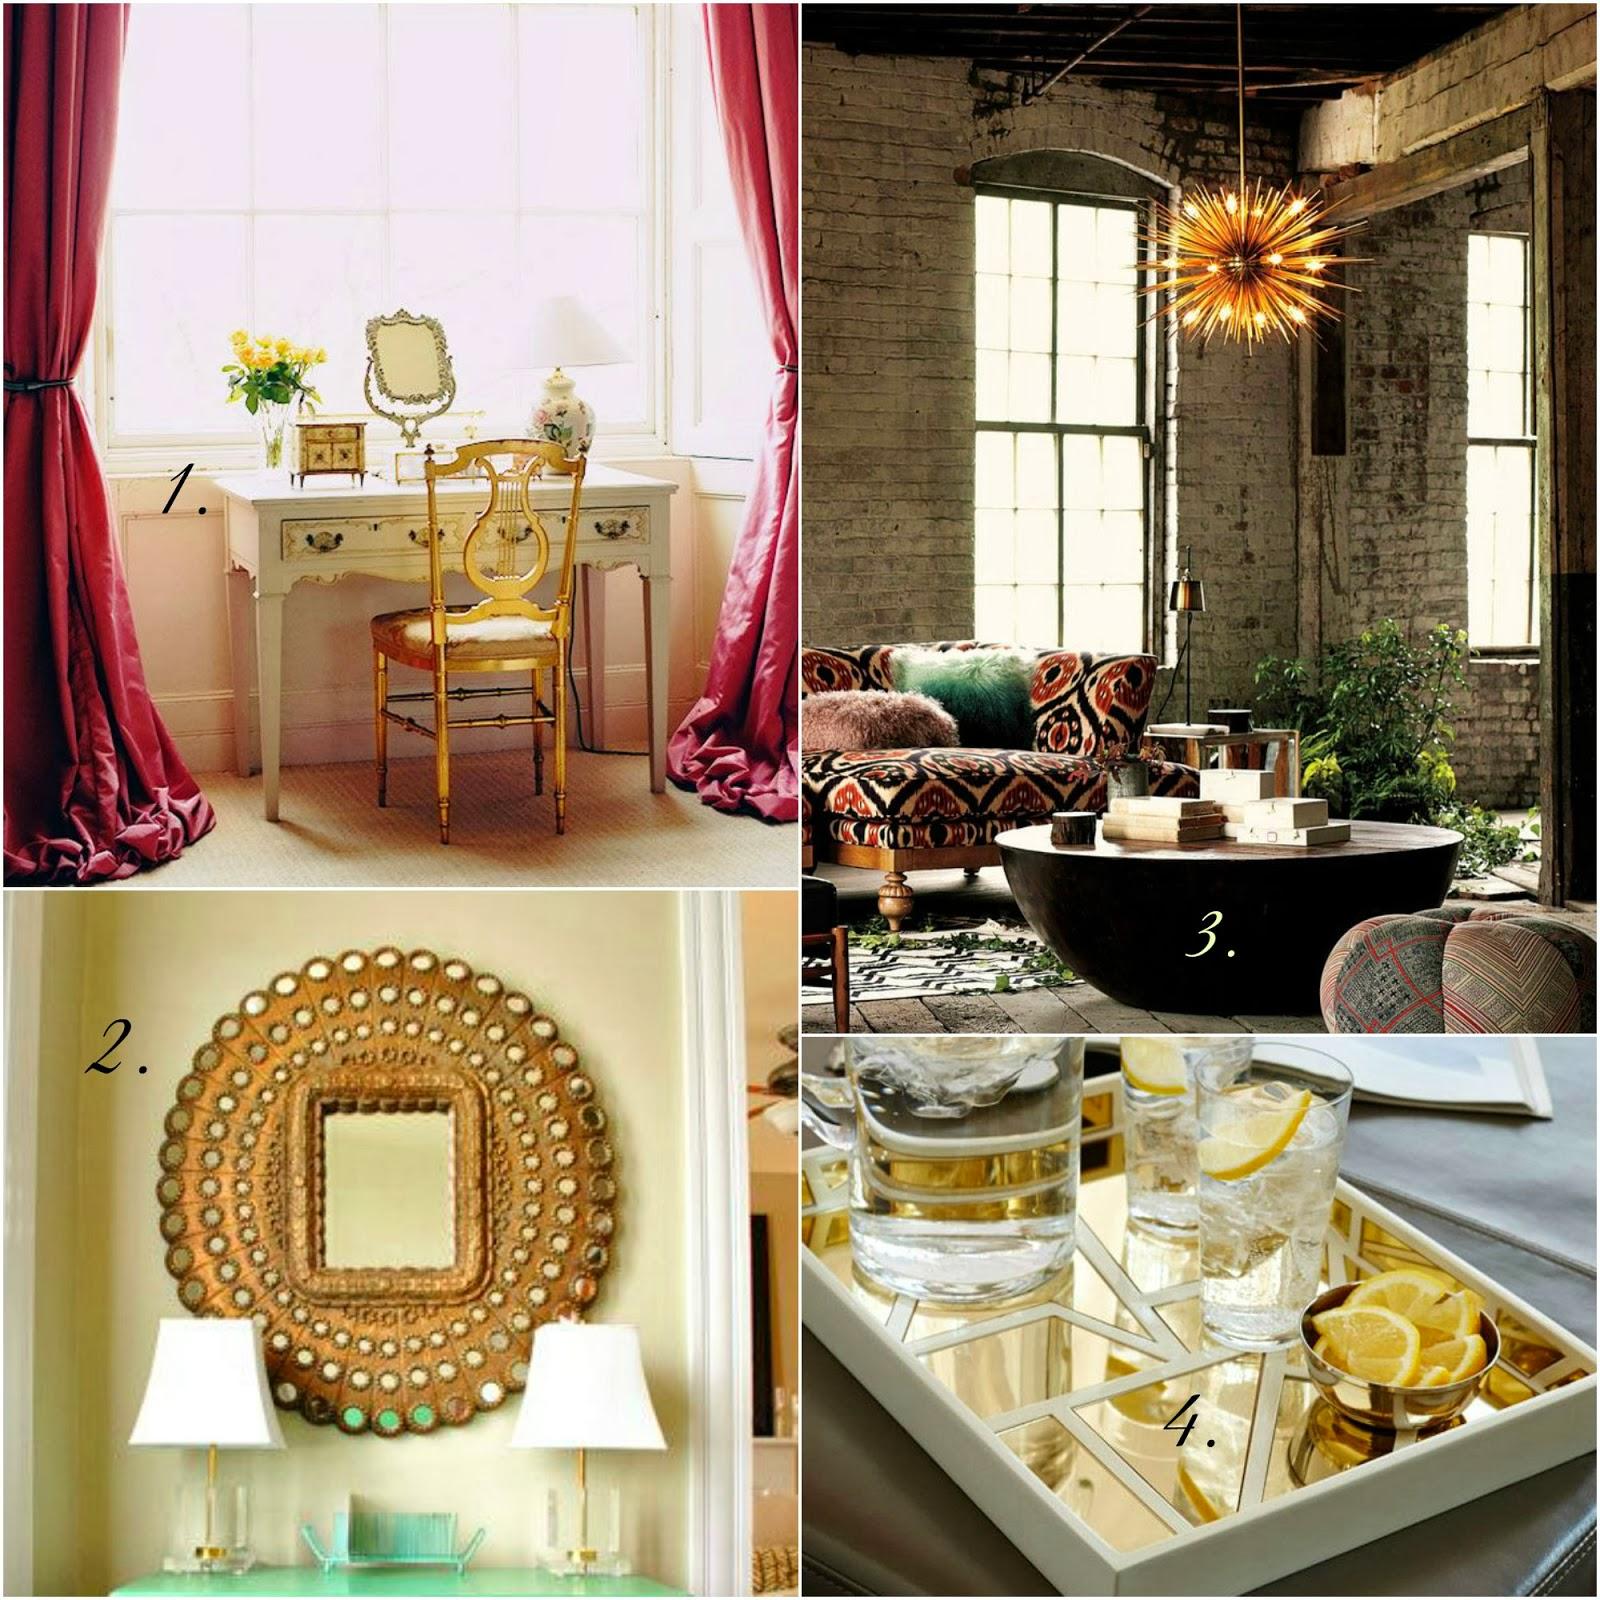 nav k brar home decor trends agate gold emerald. Black Bedroom Furniture Sets. Home Design Ideas